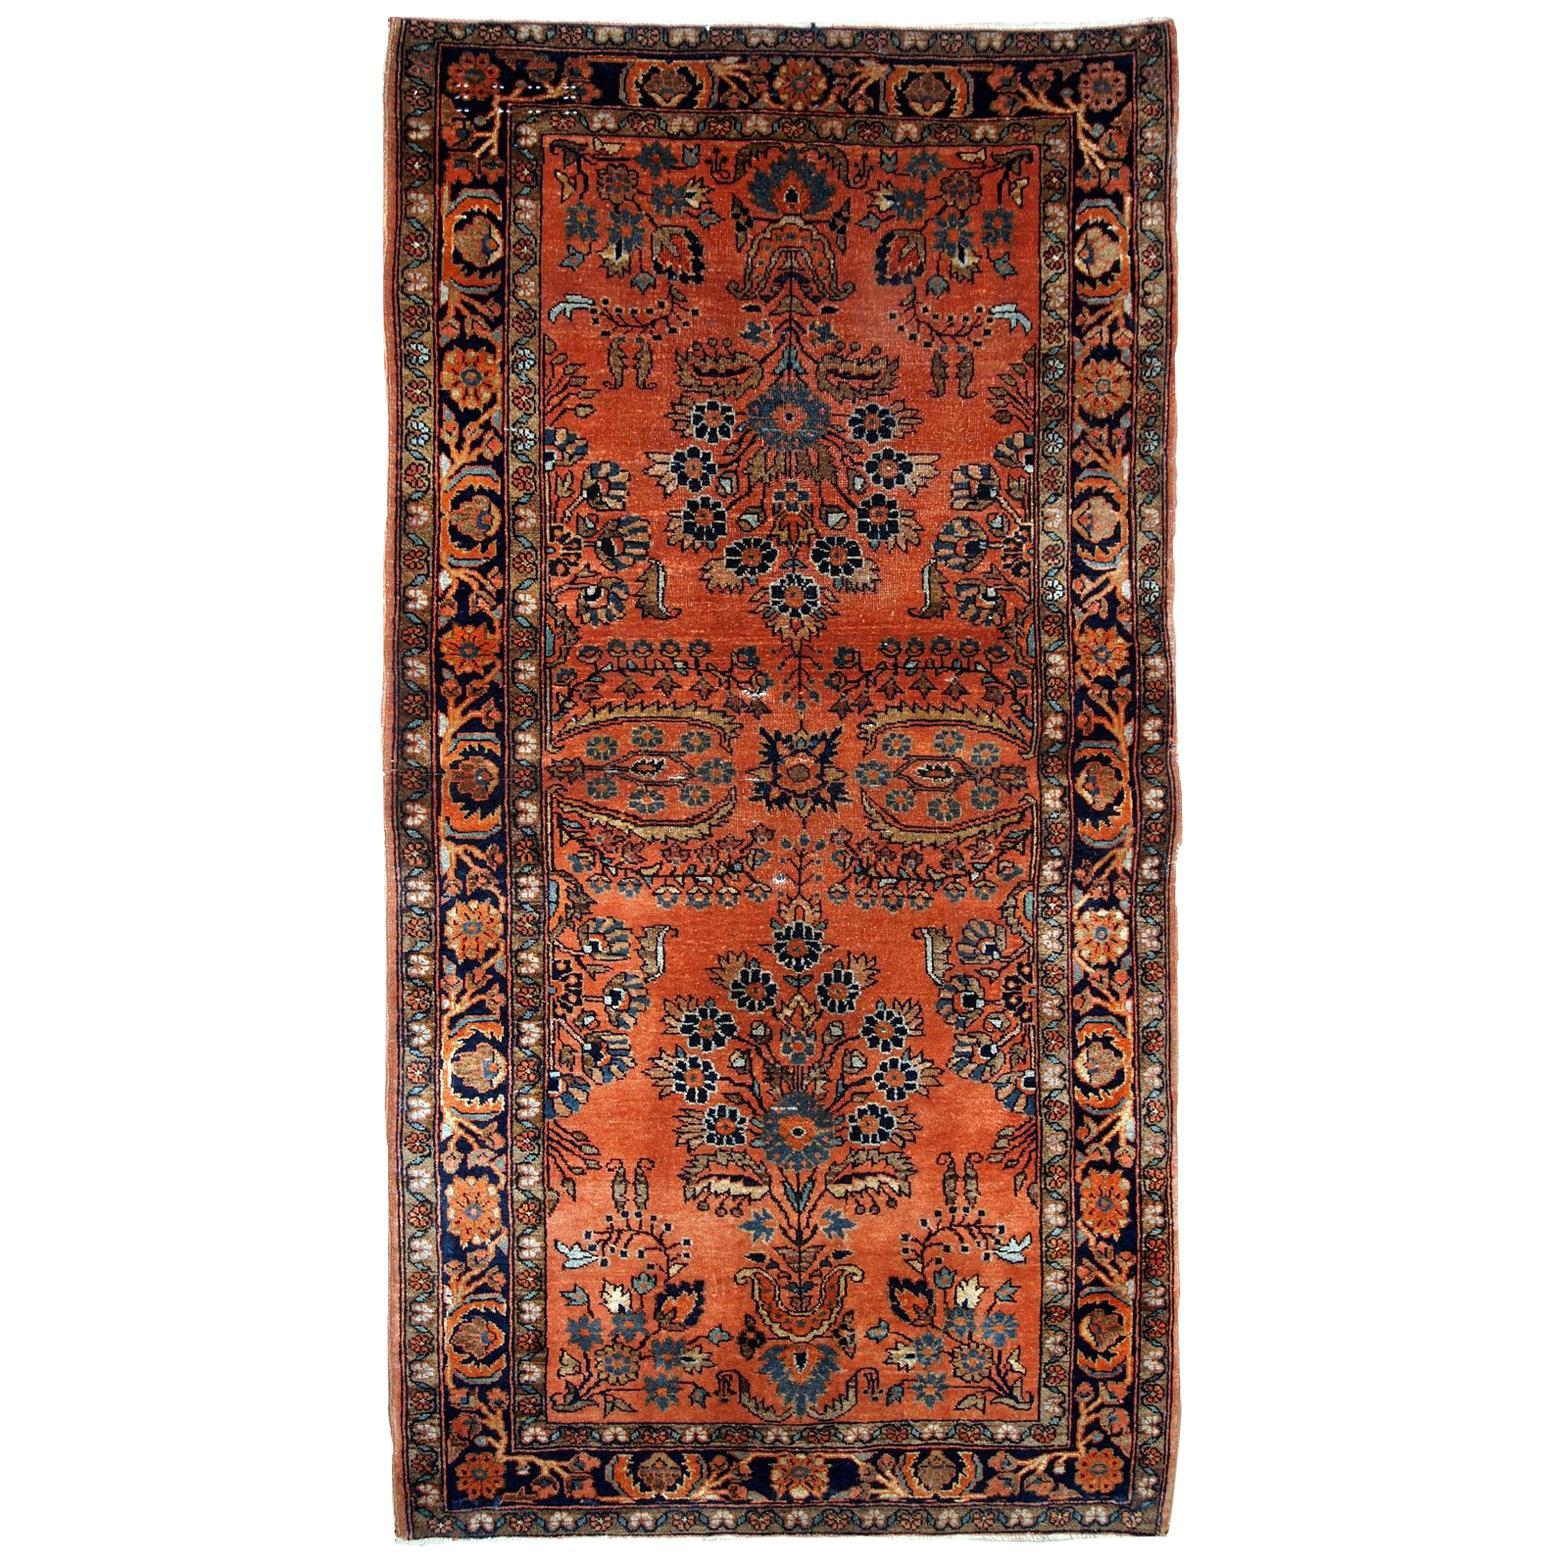 Handmade Antique Sarouk Style Runner, 1920s, 1B691